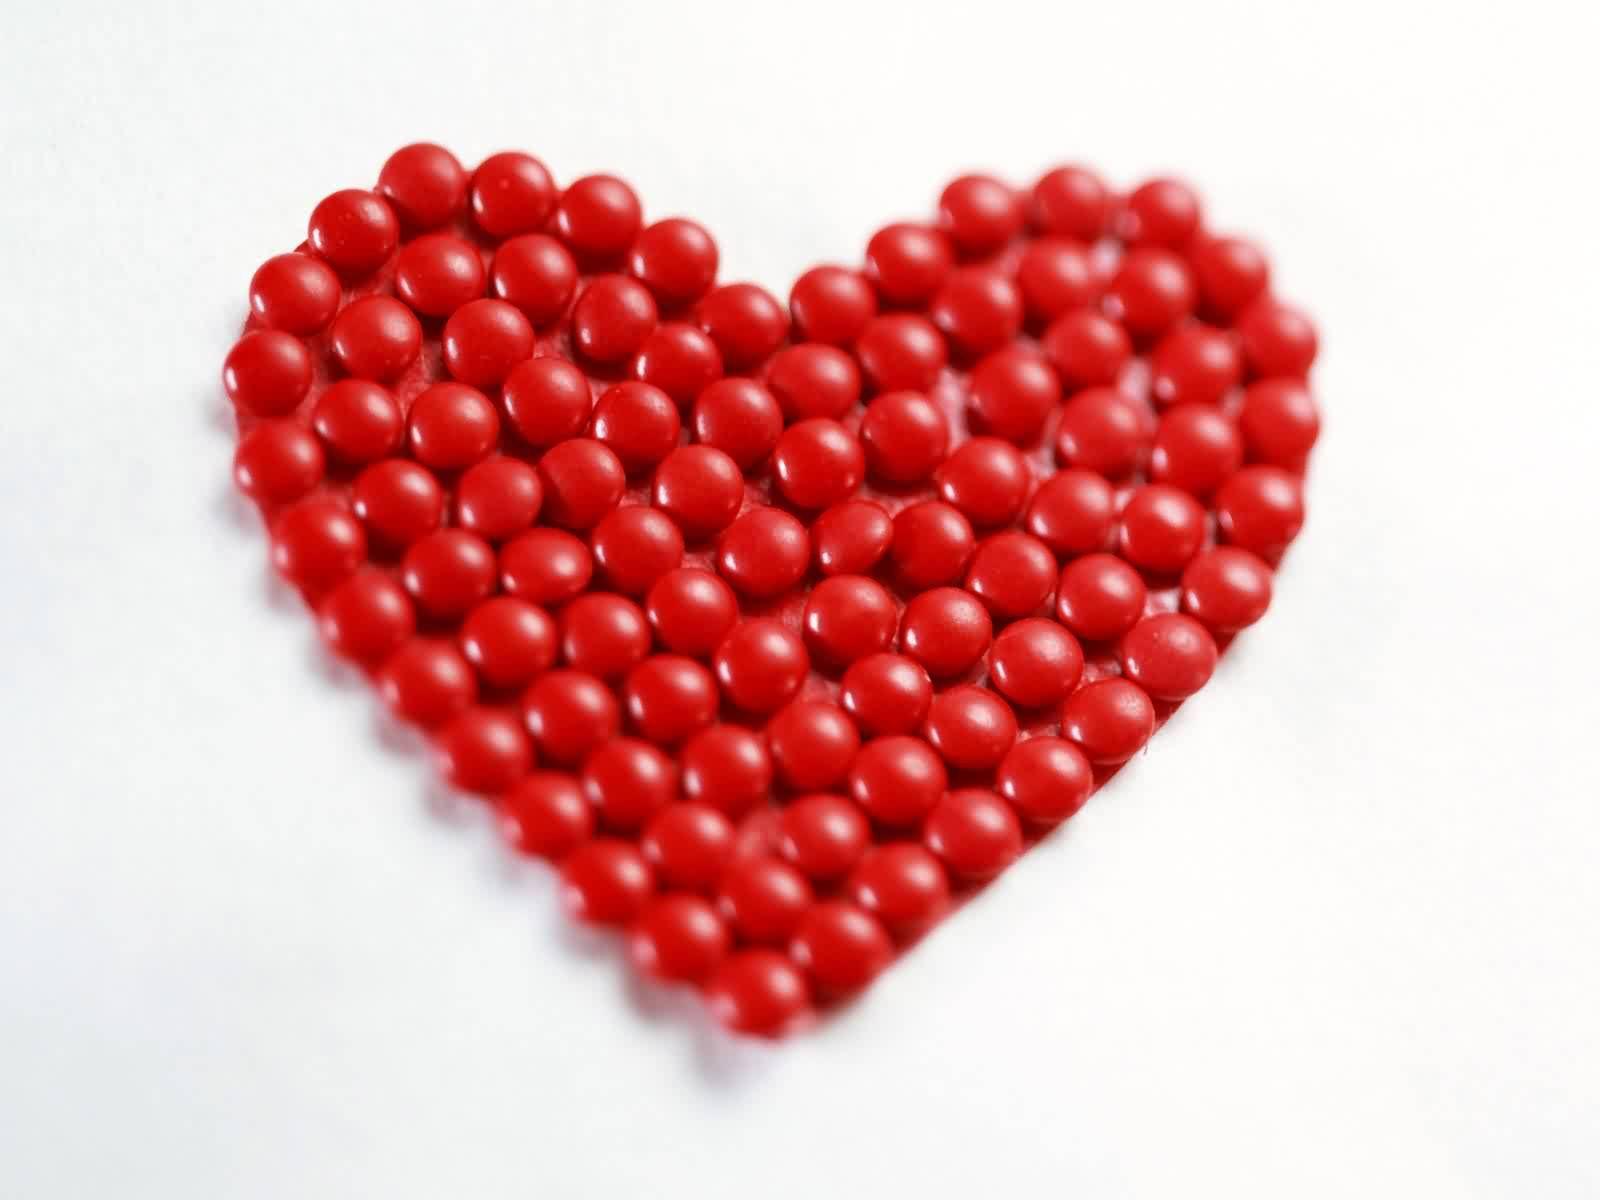 http://1.bp.blogspot.com/-pkjEB8JZ7_g/TnShZcvU7DI/AAAAAAAAA6A/Hutxx-RH-HU/s1600/Love+Pictures+%2528245%2529.JPG